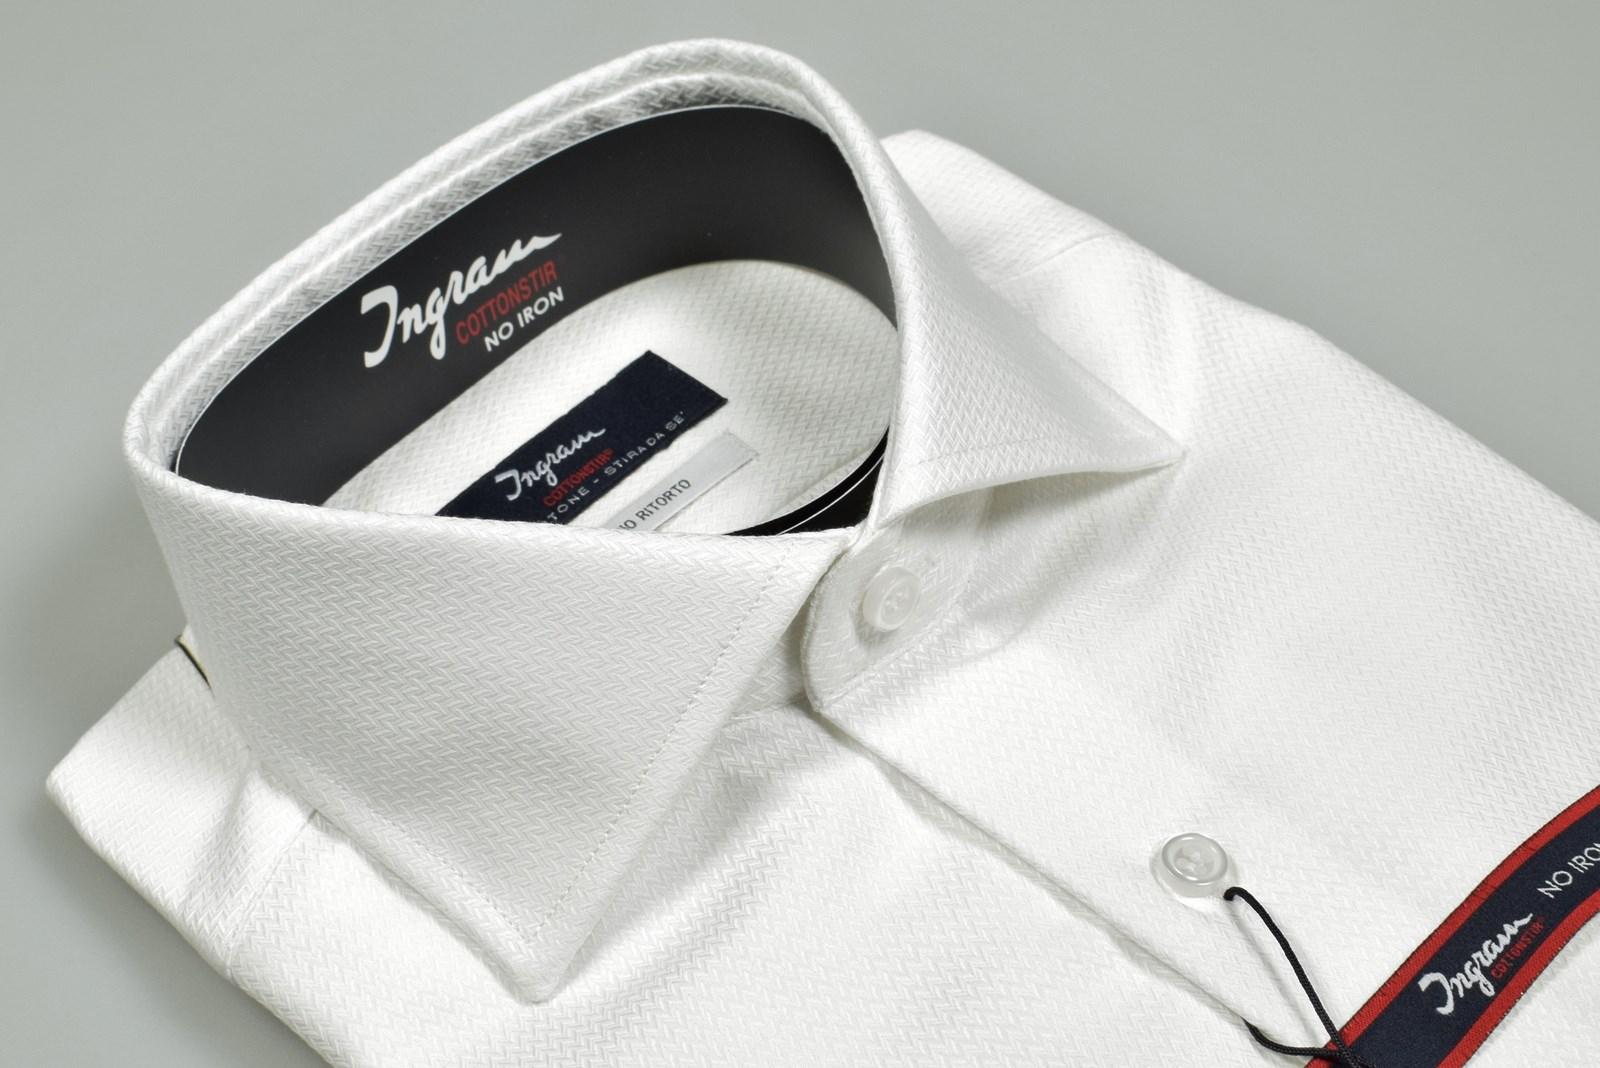 8e4d1f57b5 Dettagli su Camicia Ingram Slim Fit collo Francese Cotone lavorato No Stiro  Doppio Ritorto